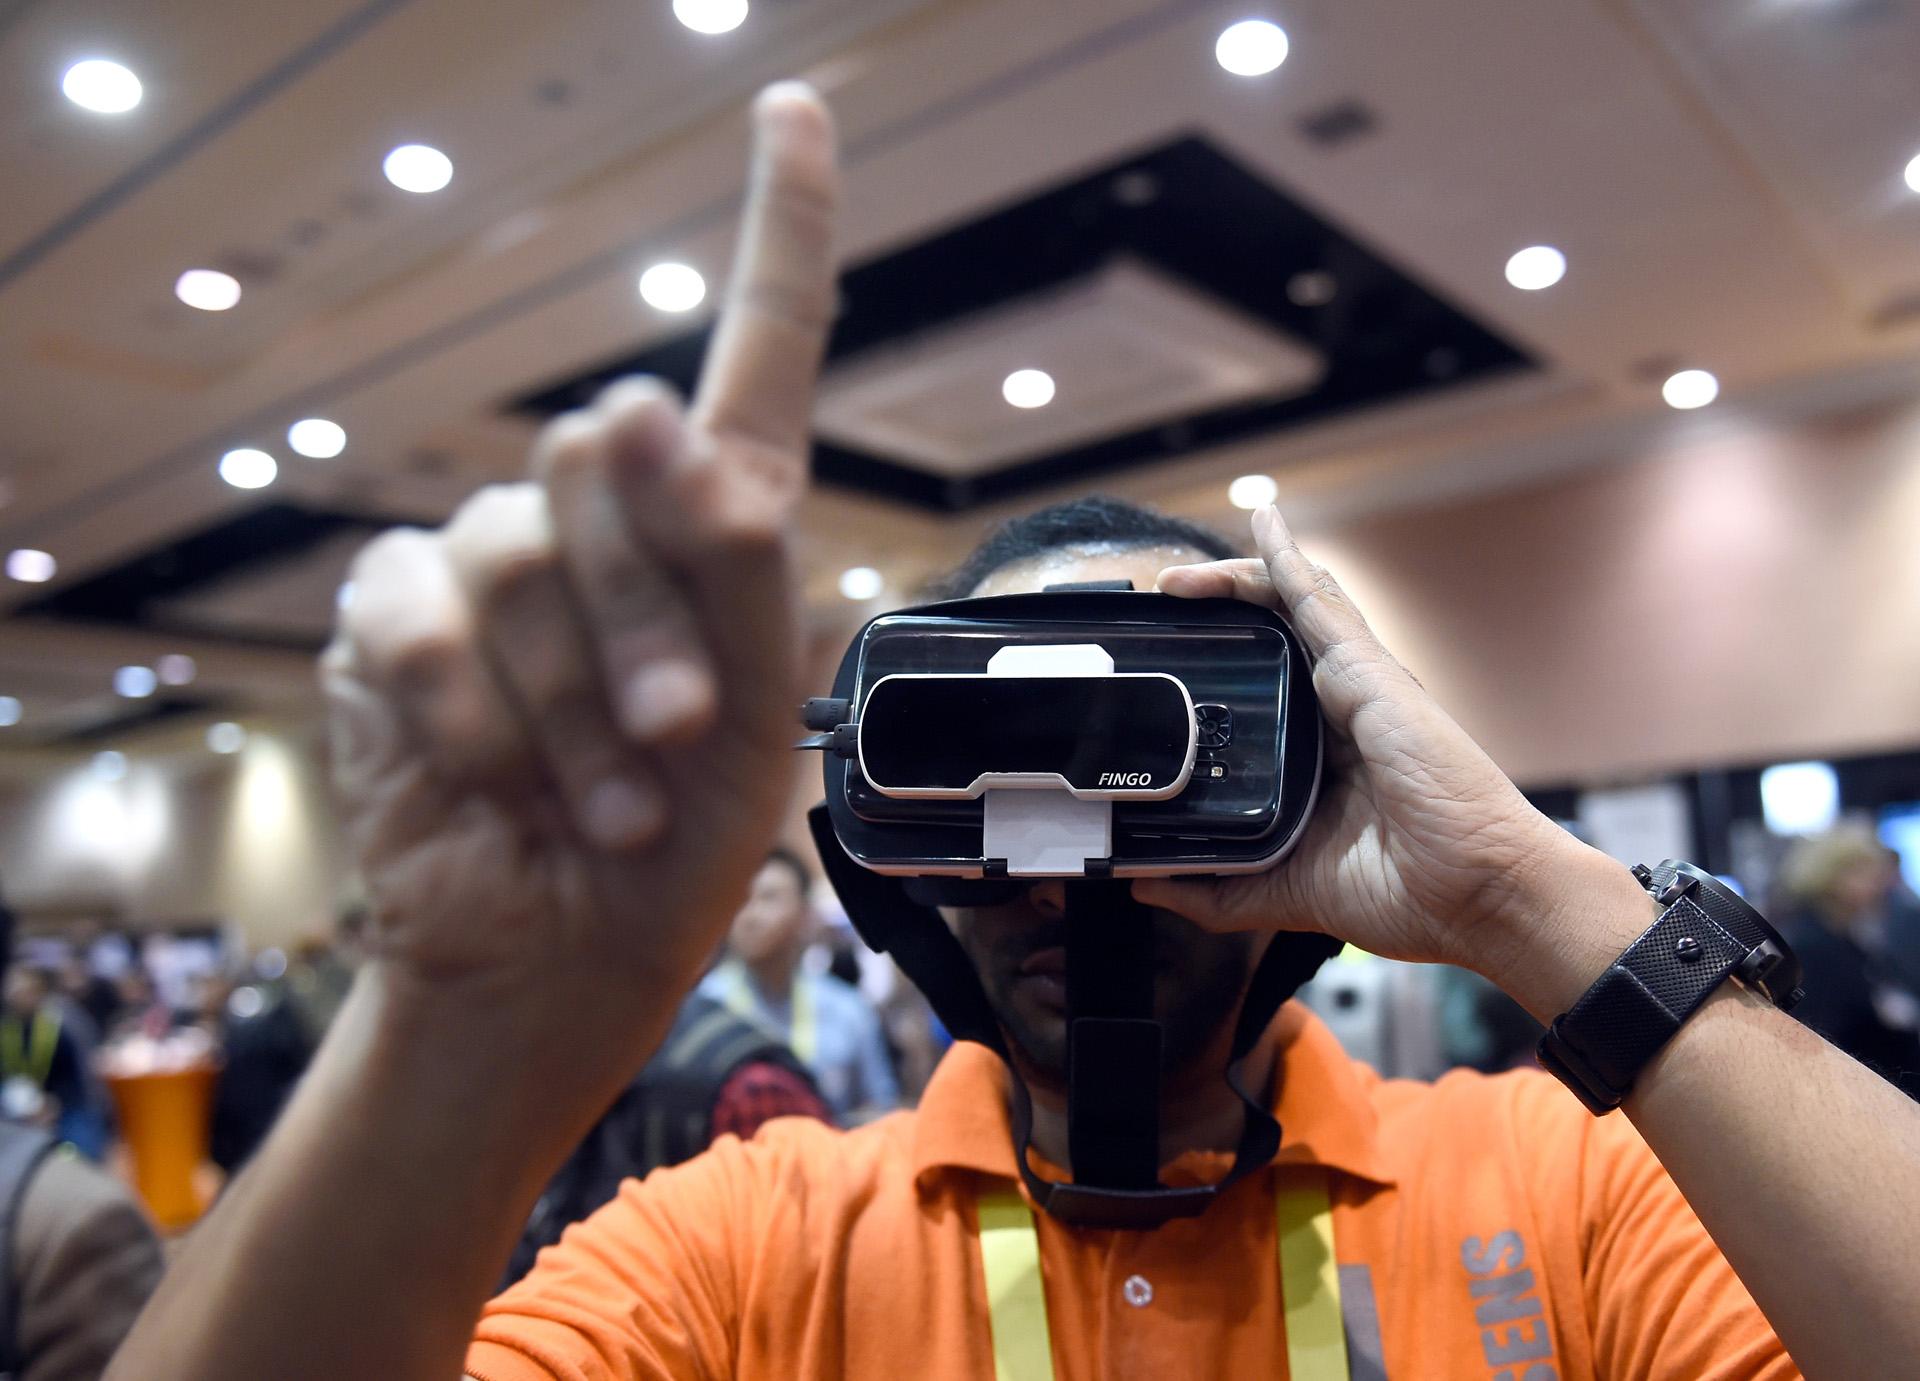 Fingo, un dispositivo que, al sumarse a las gafas de realidad virtual, genera una versión digital de los gestos que se hacen con la mano (David Becker/Getty Images/AFP).